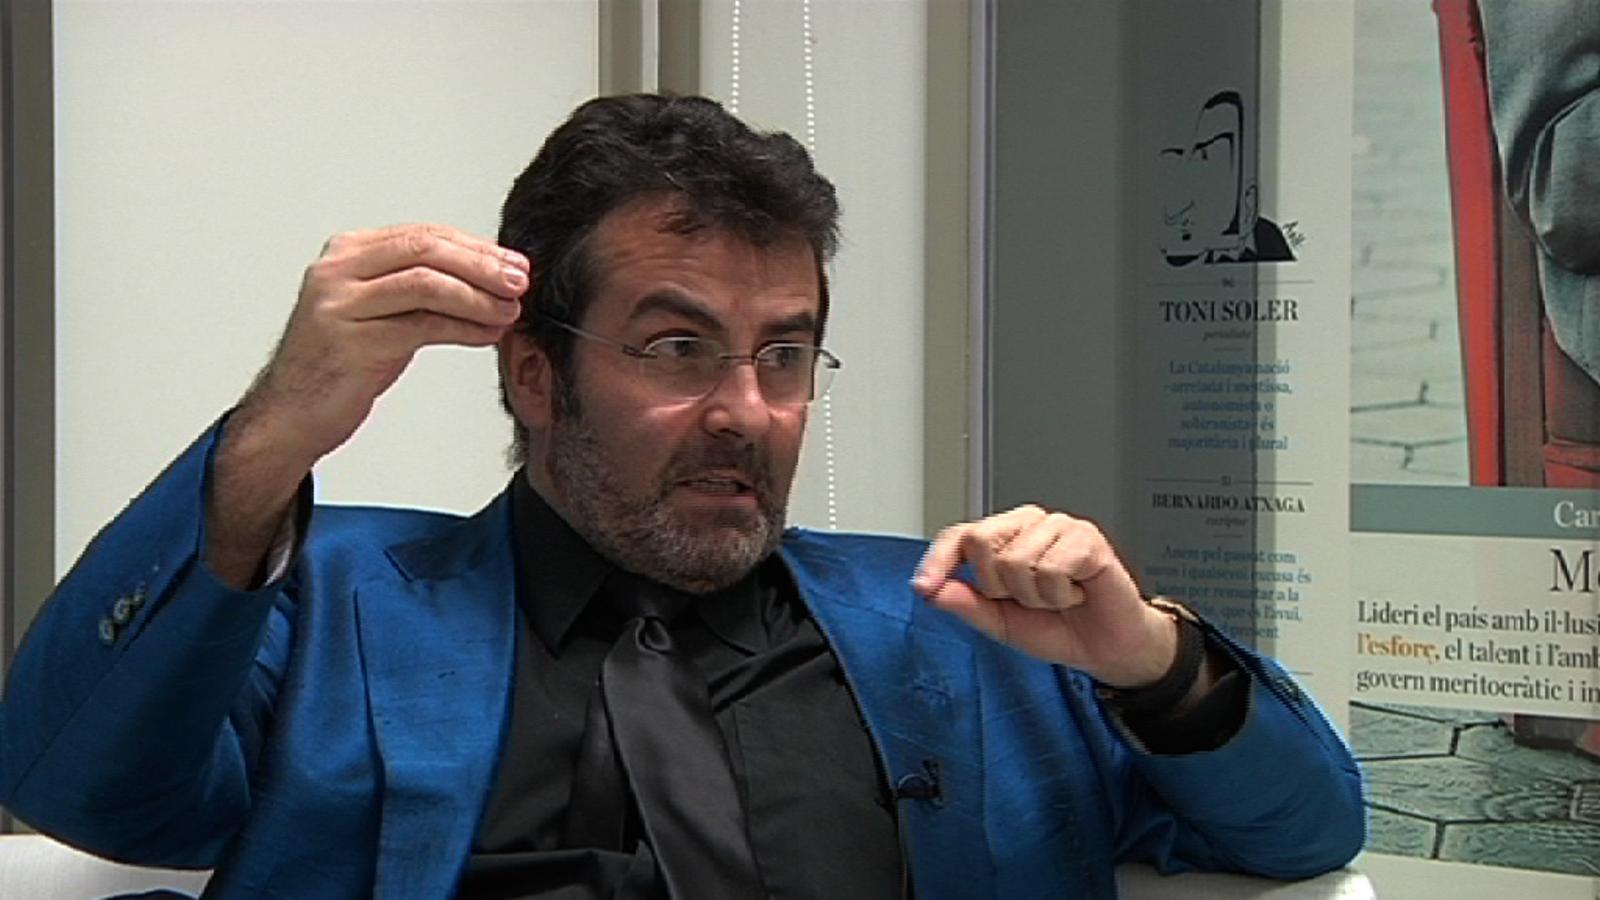 Sala i Martín, sobre la gestió de Rajoy: Primer foten una hòstia als rics i un cop demostren que no els afavoreixen, foten l'hòstia grossa